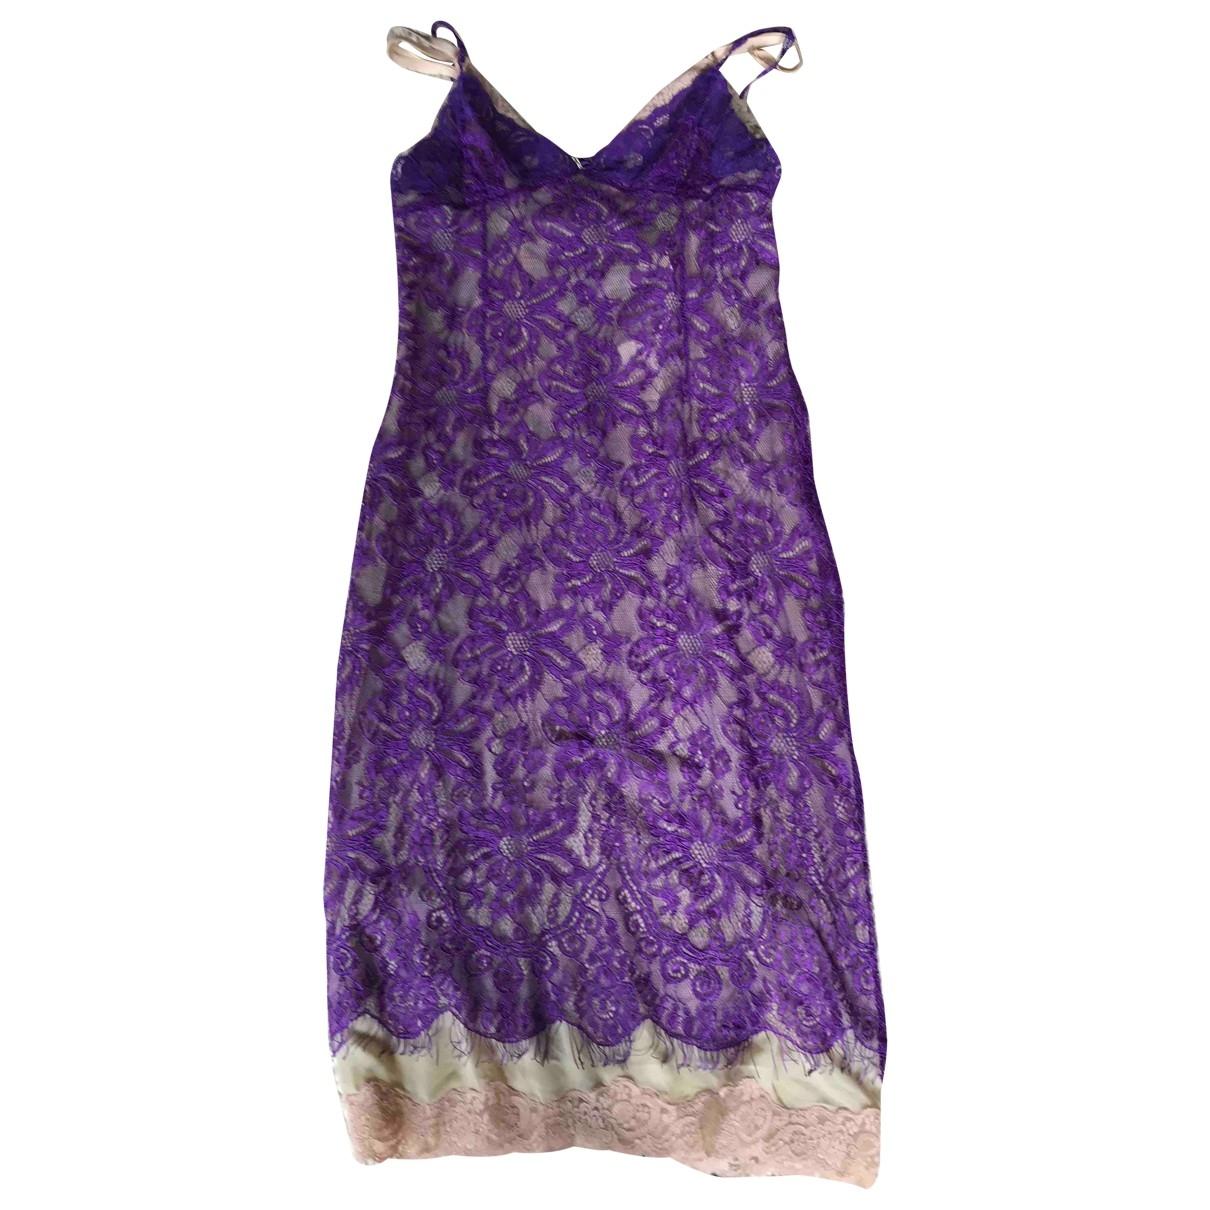 D&g \N Purple Lace dress for Women 44 IT